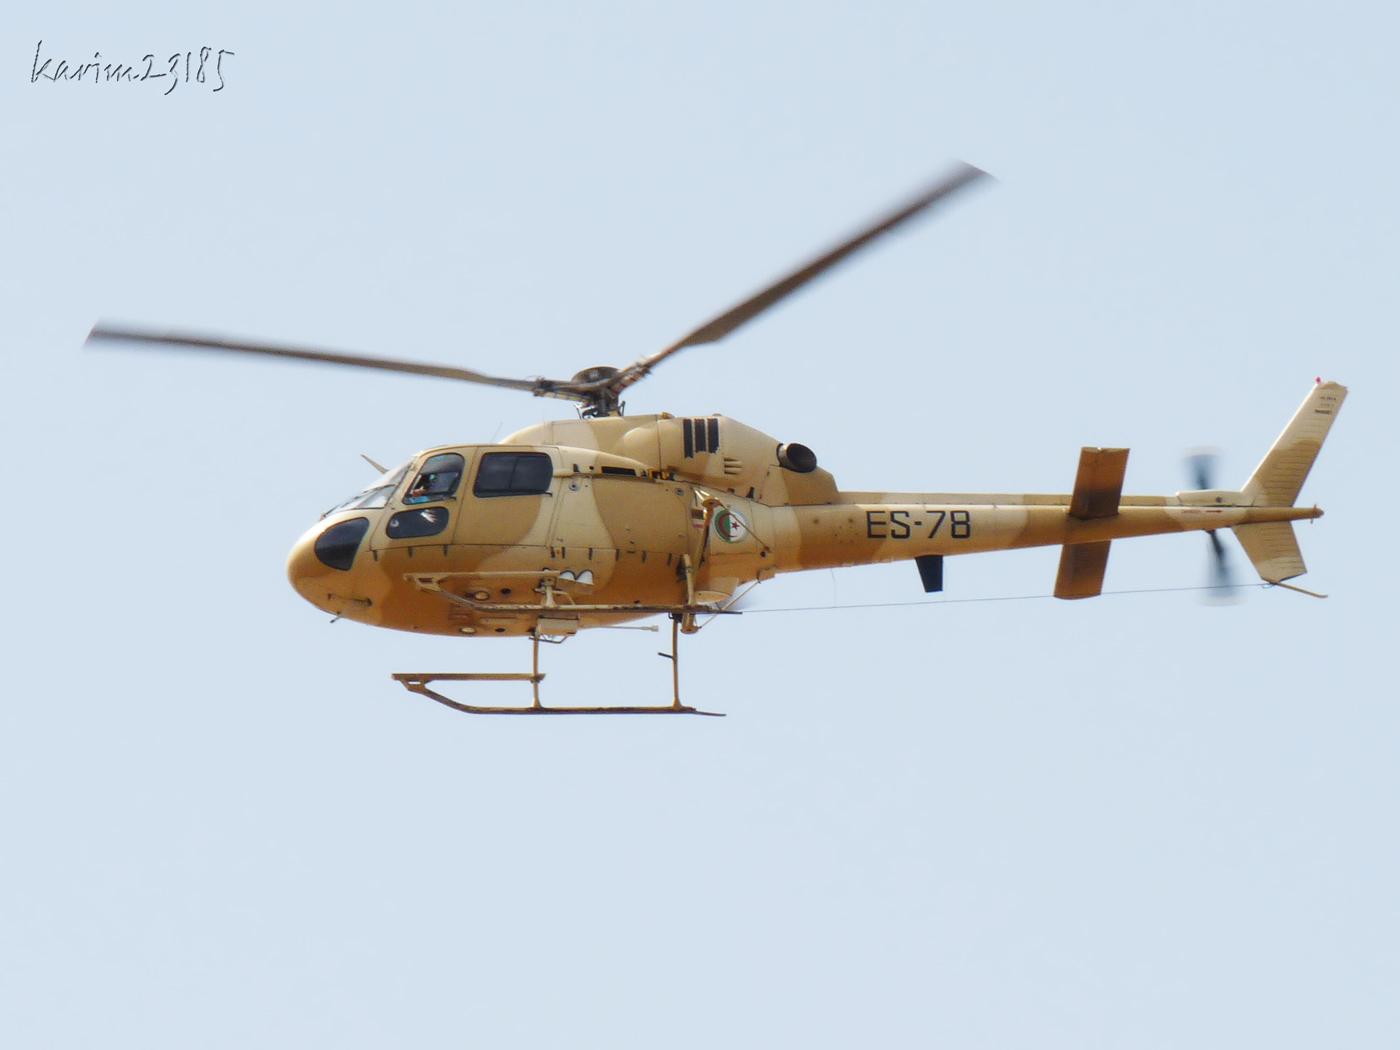 صور مروحيات القوات الجوية الجزائرية Ecureuil/Fennec ] AS-355N2 / AS-555N ] - صفحة 6 27365885781_fb5d9c1ac8_o